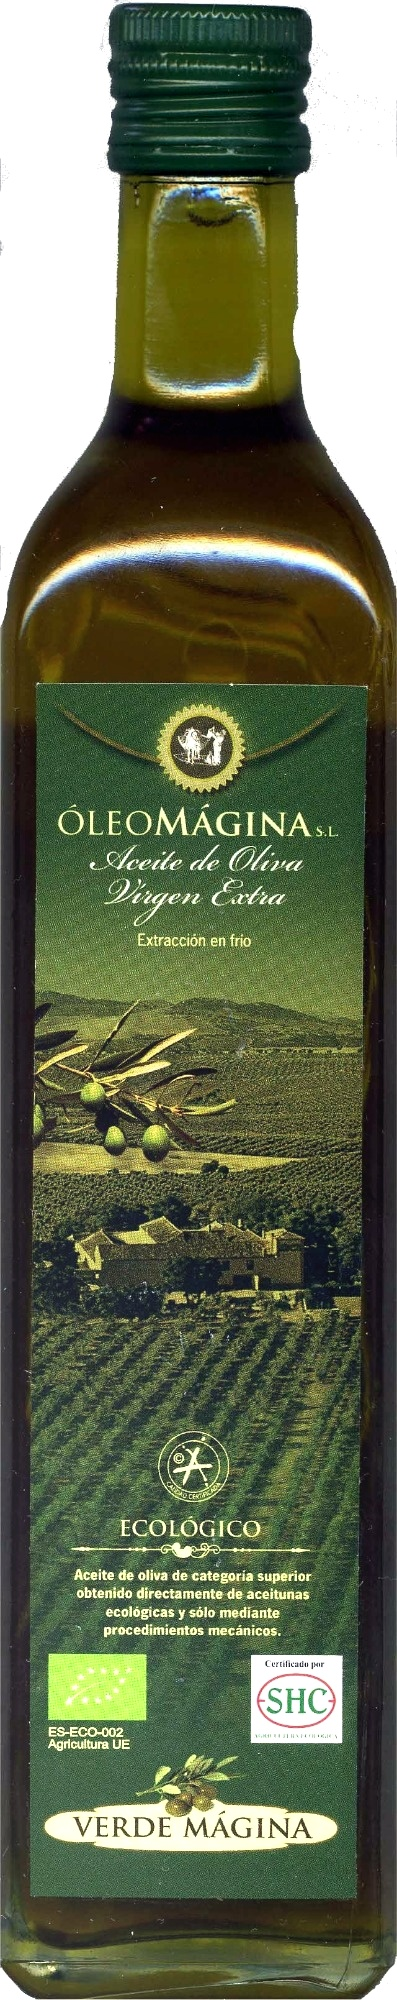 """Aceite de oliva virgen extra ecológico """"Verde Mágina"""" - Producto"""